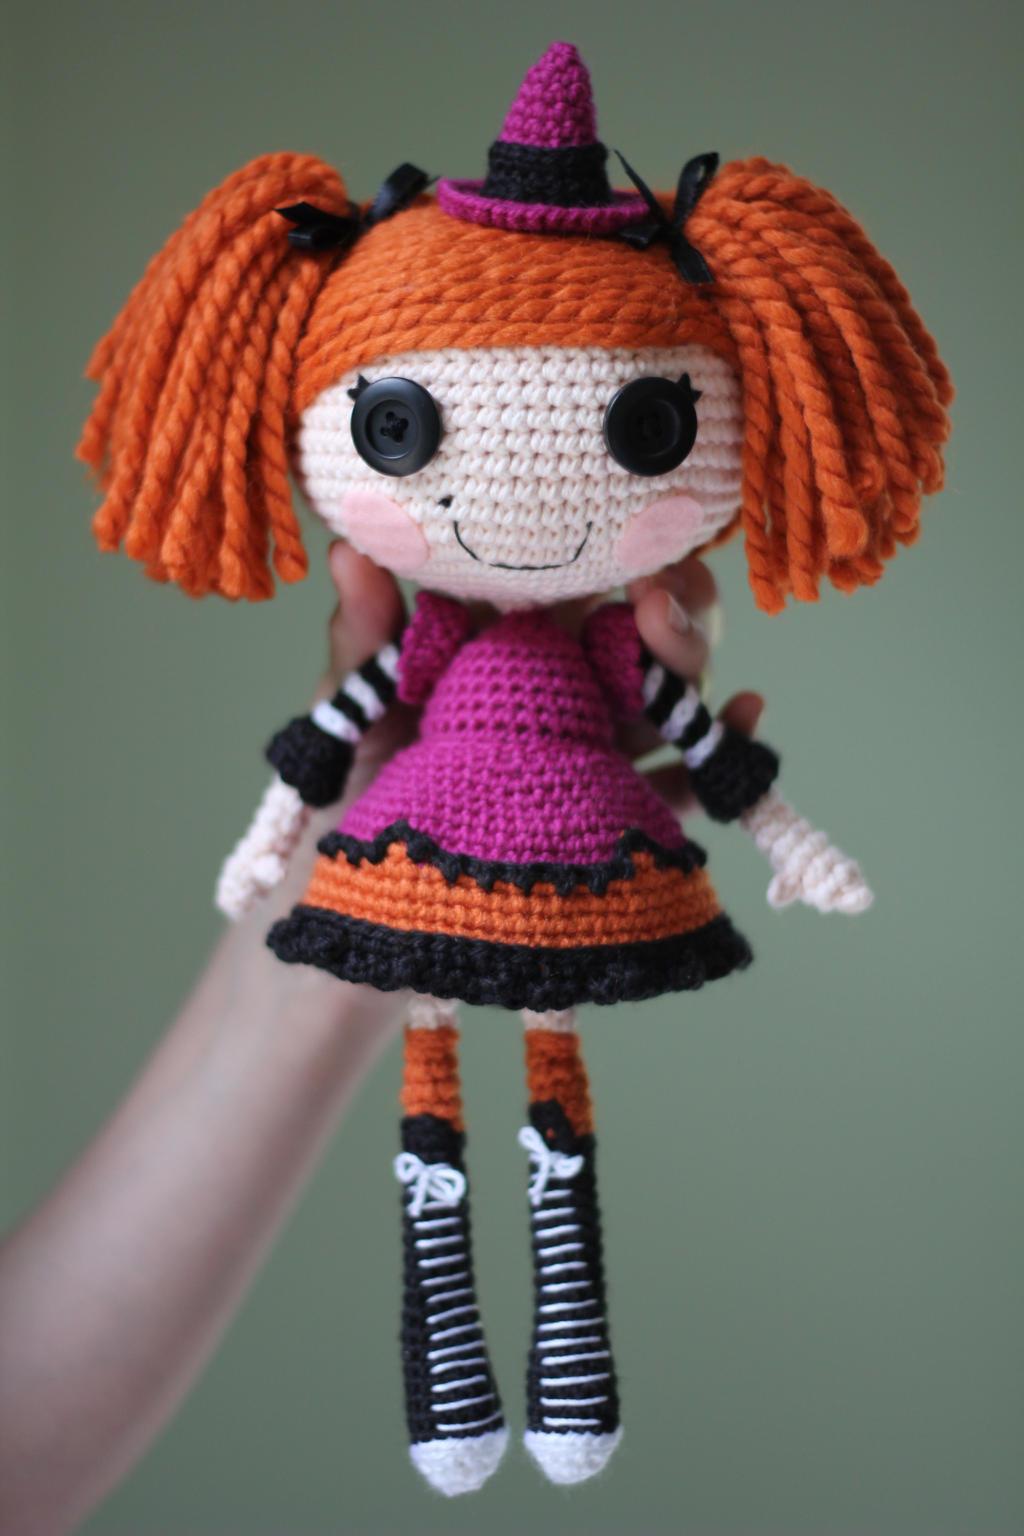 Lalaloopsy Amigurumi Tutorial : LALALOOPSY Candy Broomsticks Amigurumi Doll by Npantz22 on ...